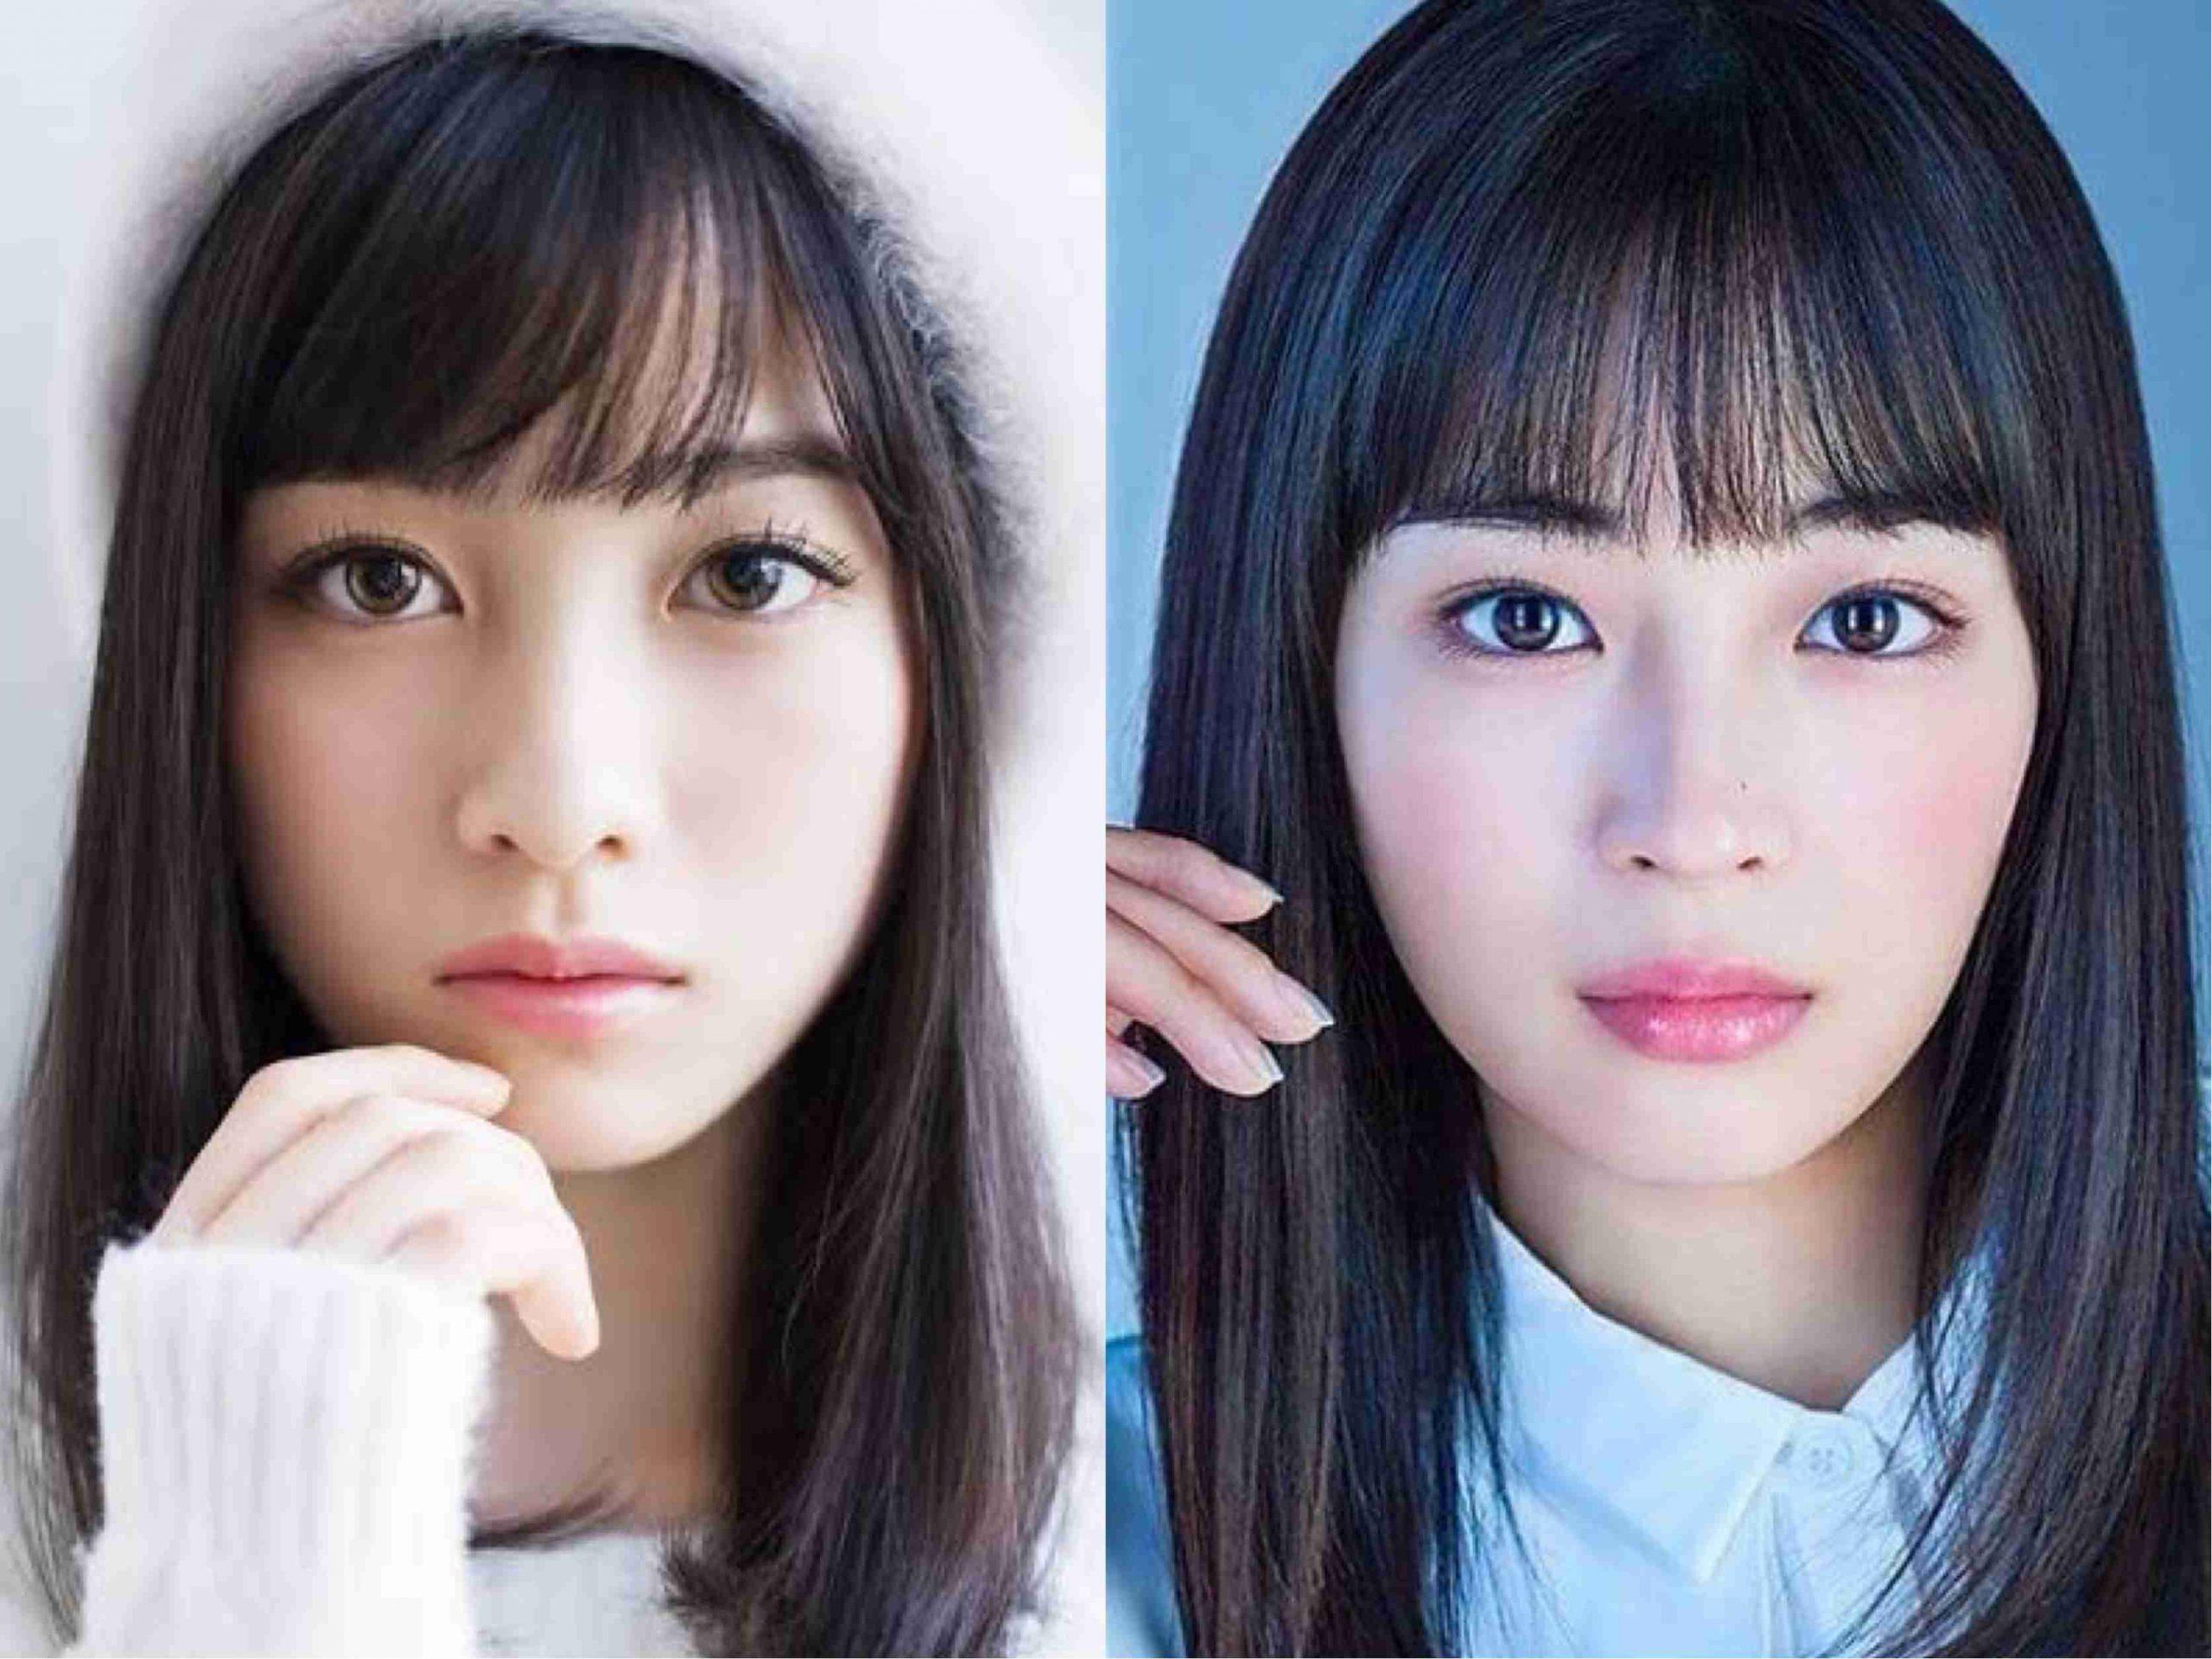 美しさ国宝級 日本一顔面が整っている25歳以下の女性芸能人ランキング